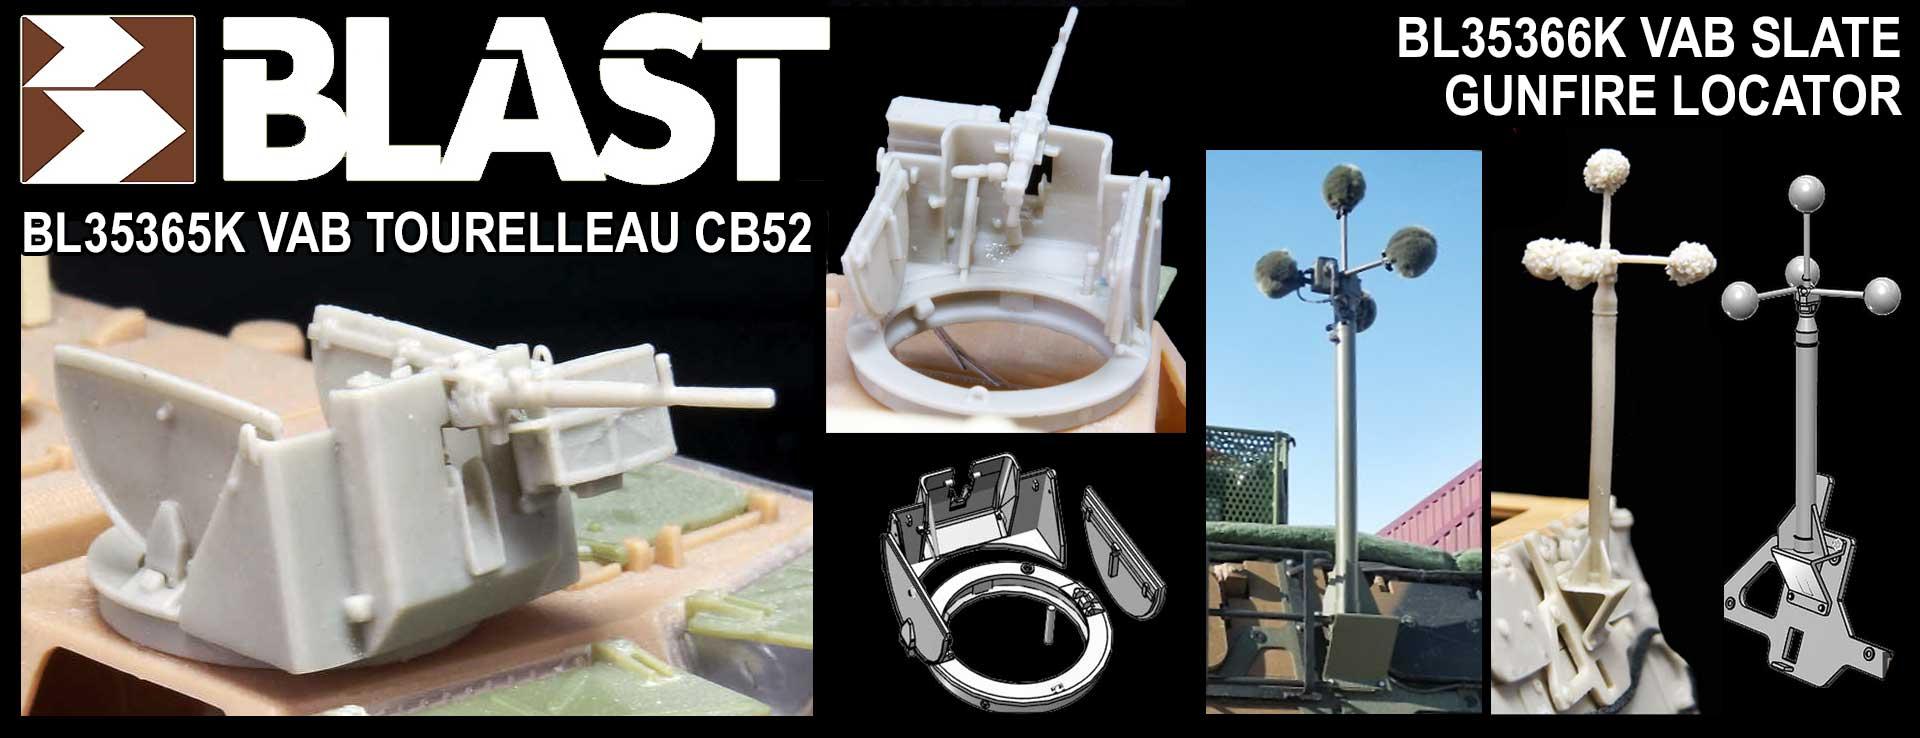 BL35365K VAB CB52 - BL35366K VAB SLATE